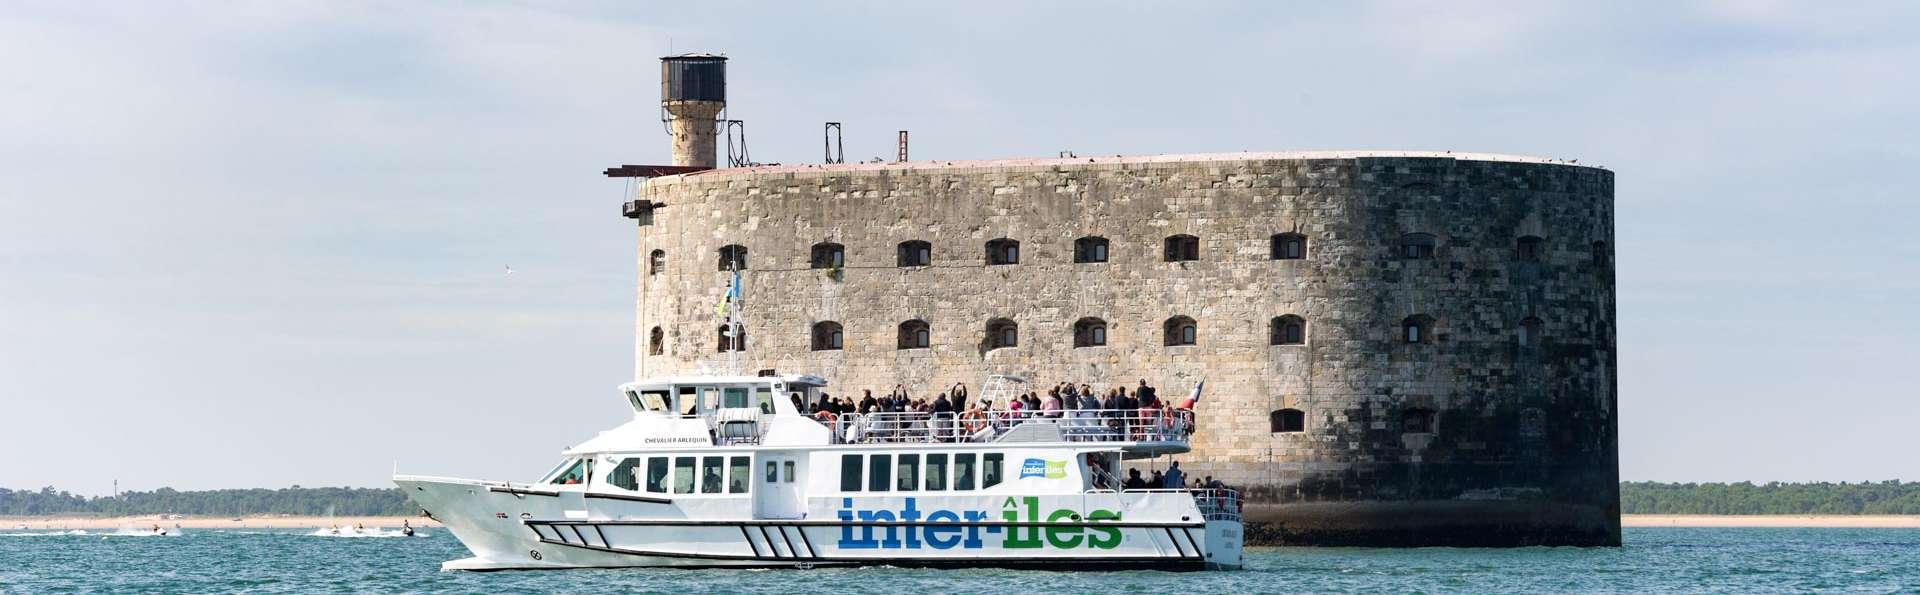 Week-end à la Rochelle et découverte du célèbre Fort Boyard